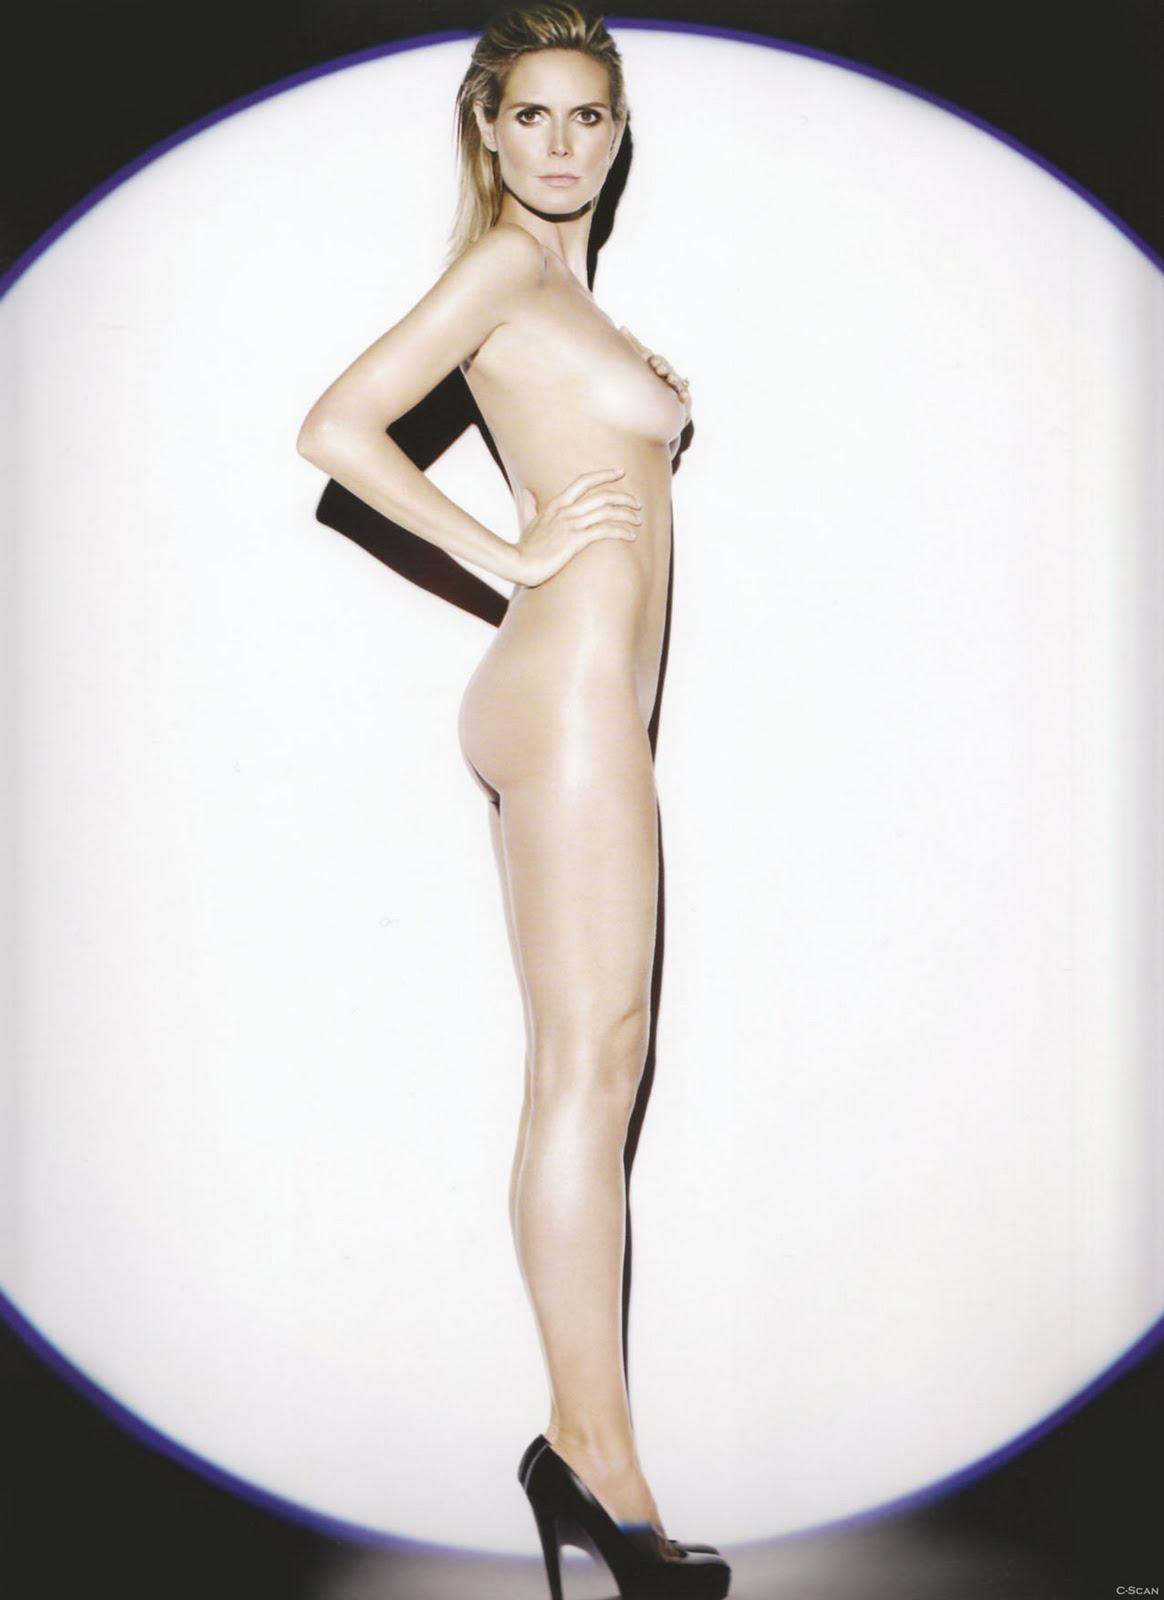 http://4.bp.blogspot.com/-wwOf0XU-evg/TZ9YlHG6C1I/AAAAAAAABVk/i9tuMbbpYgE/s1600/heidi-klum-nude-heidilicious1.jpg